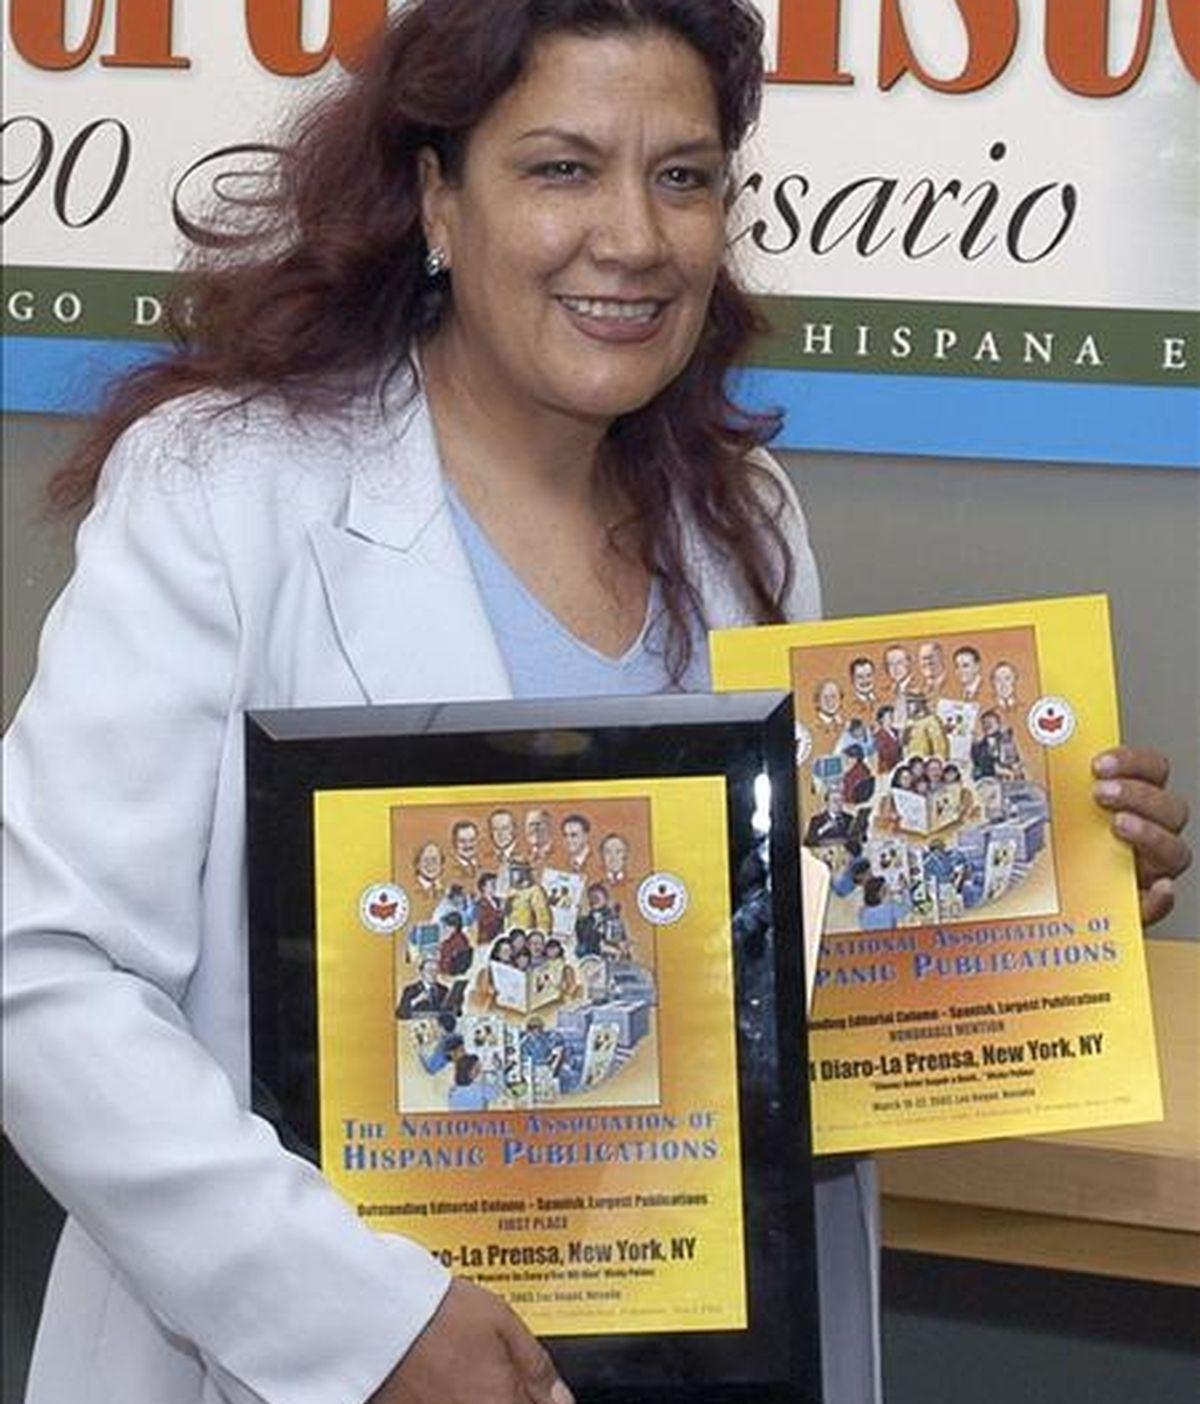 """Imagen de archivo de 2005 de la periodista peruana Vicky Peláez recibiendo dos reconocimientos por sus columnas de opinión en el diario """"La Prensa"""" de Nueva York. EFE/Archivo"""